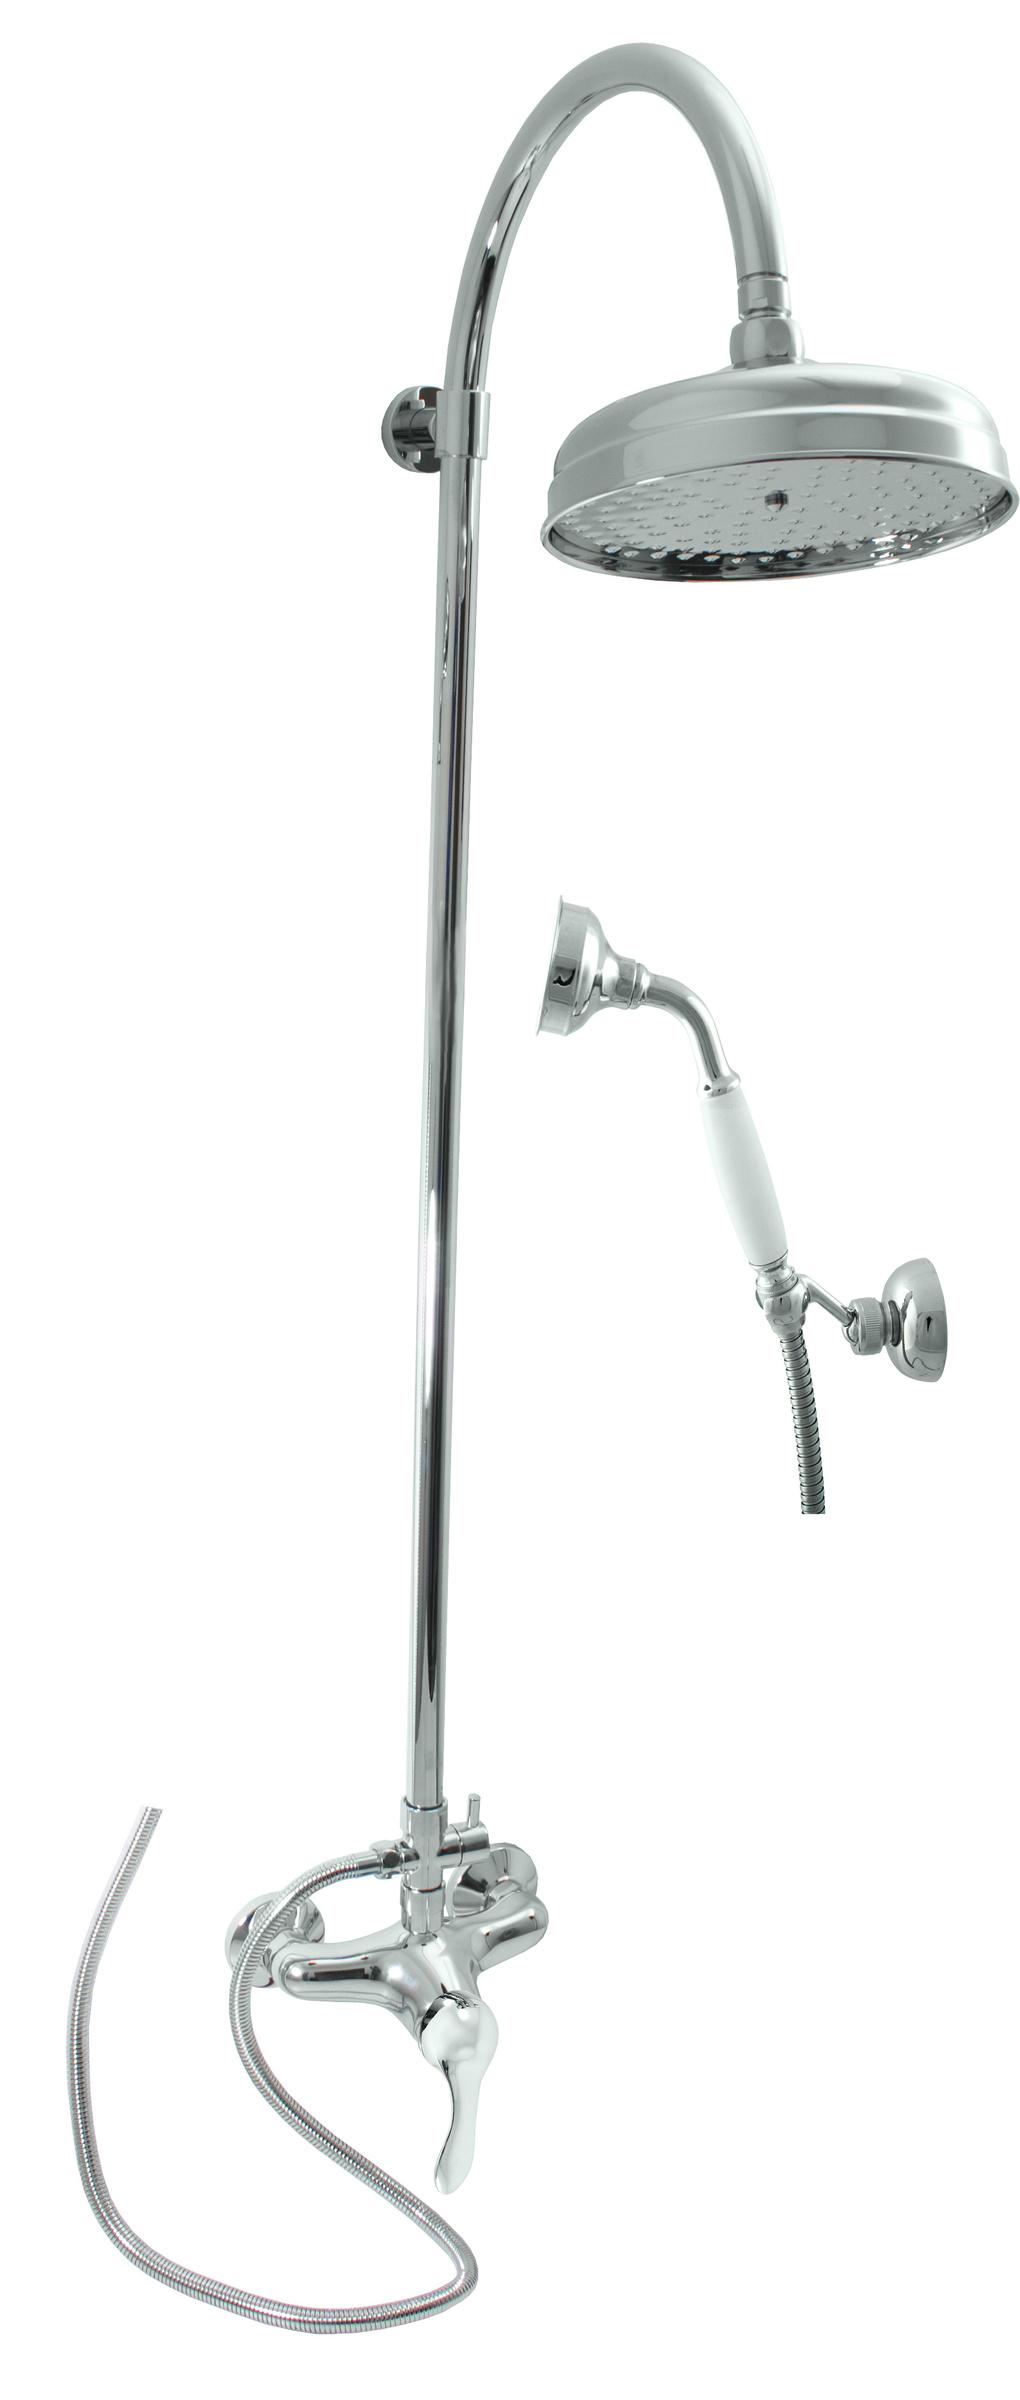 SLEZAK-RAV - Vodovodné batérie sprchová LABE s hlavovou a ručnou sprchou, Farba: chróm, Rozmer: 150 mm L081.5 / 3